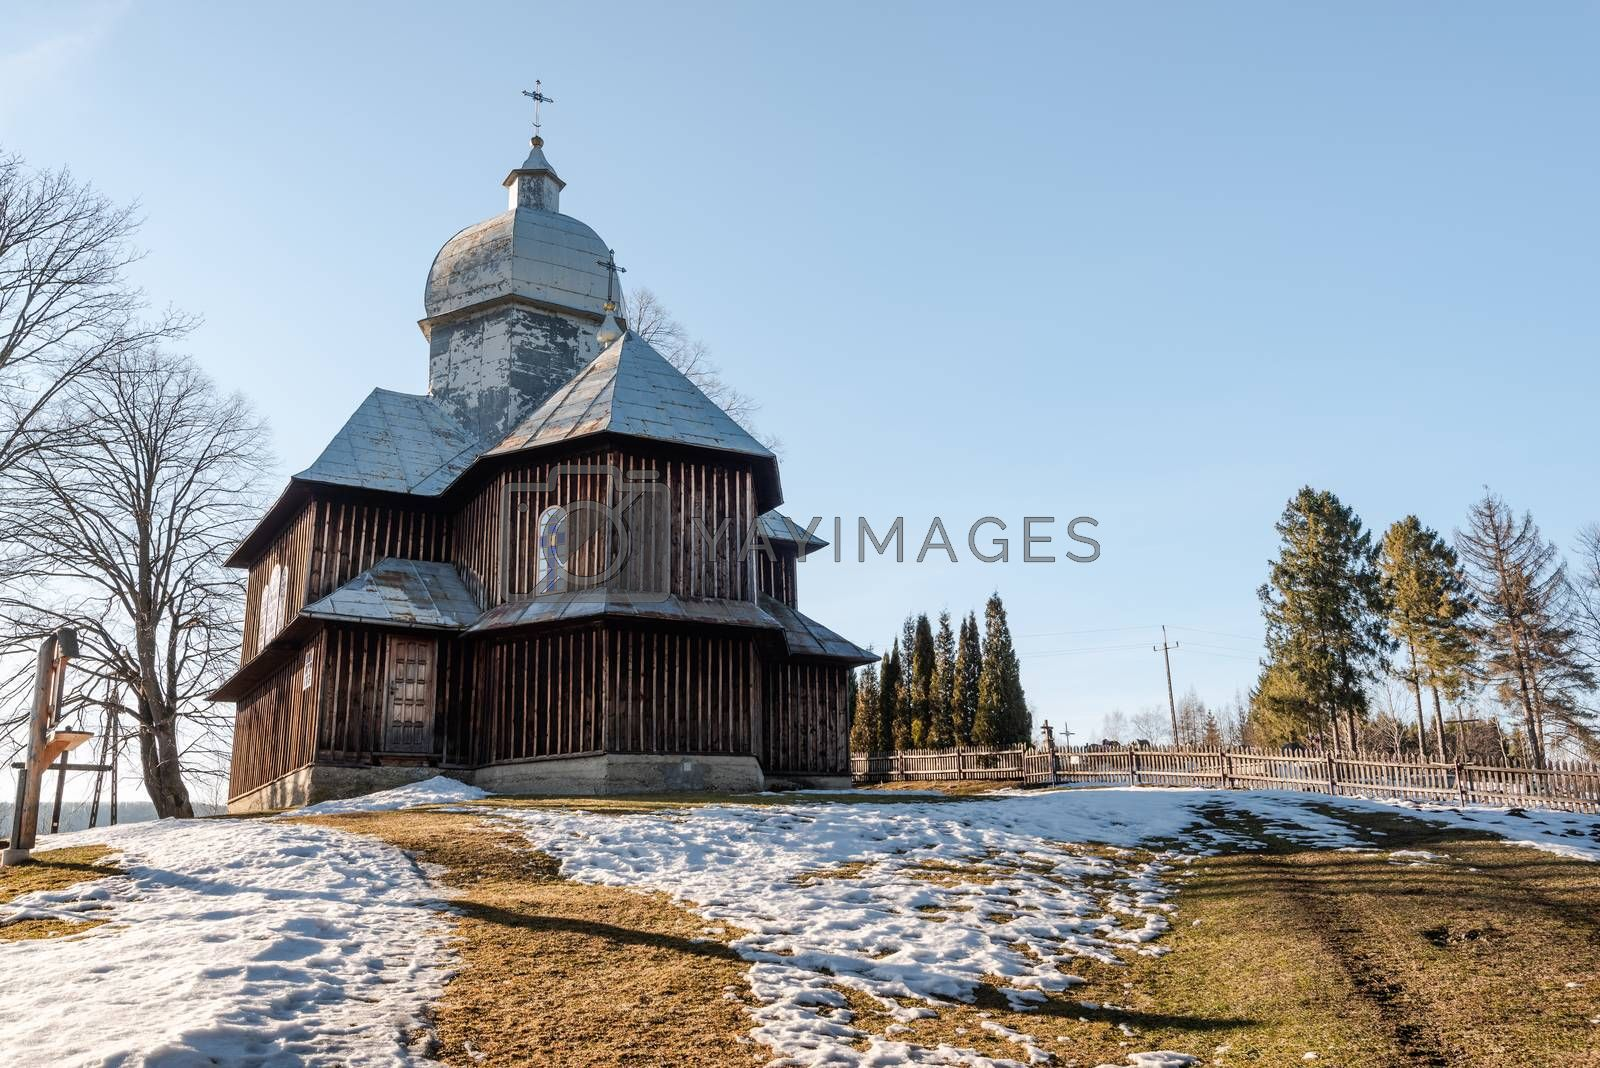 Exterior of Hoszowczyk Wooden Orthodox Church.  Bieszczady Architecture in Winter. Carpathia Region in Poland.